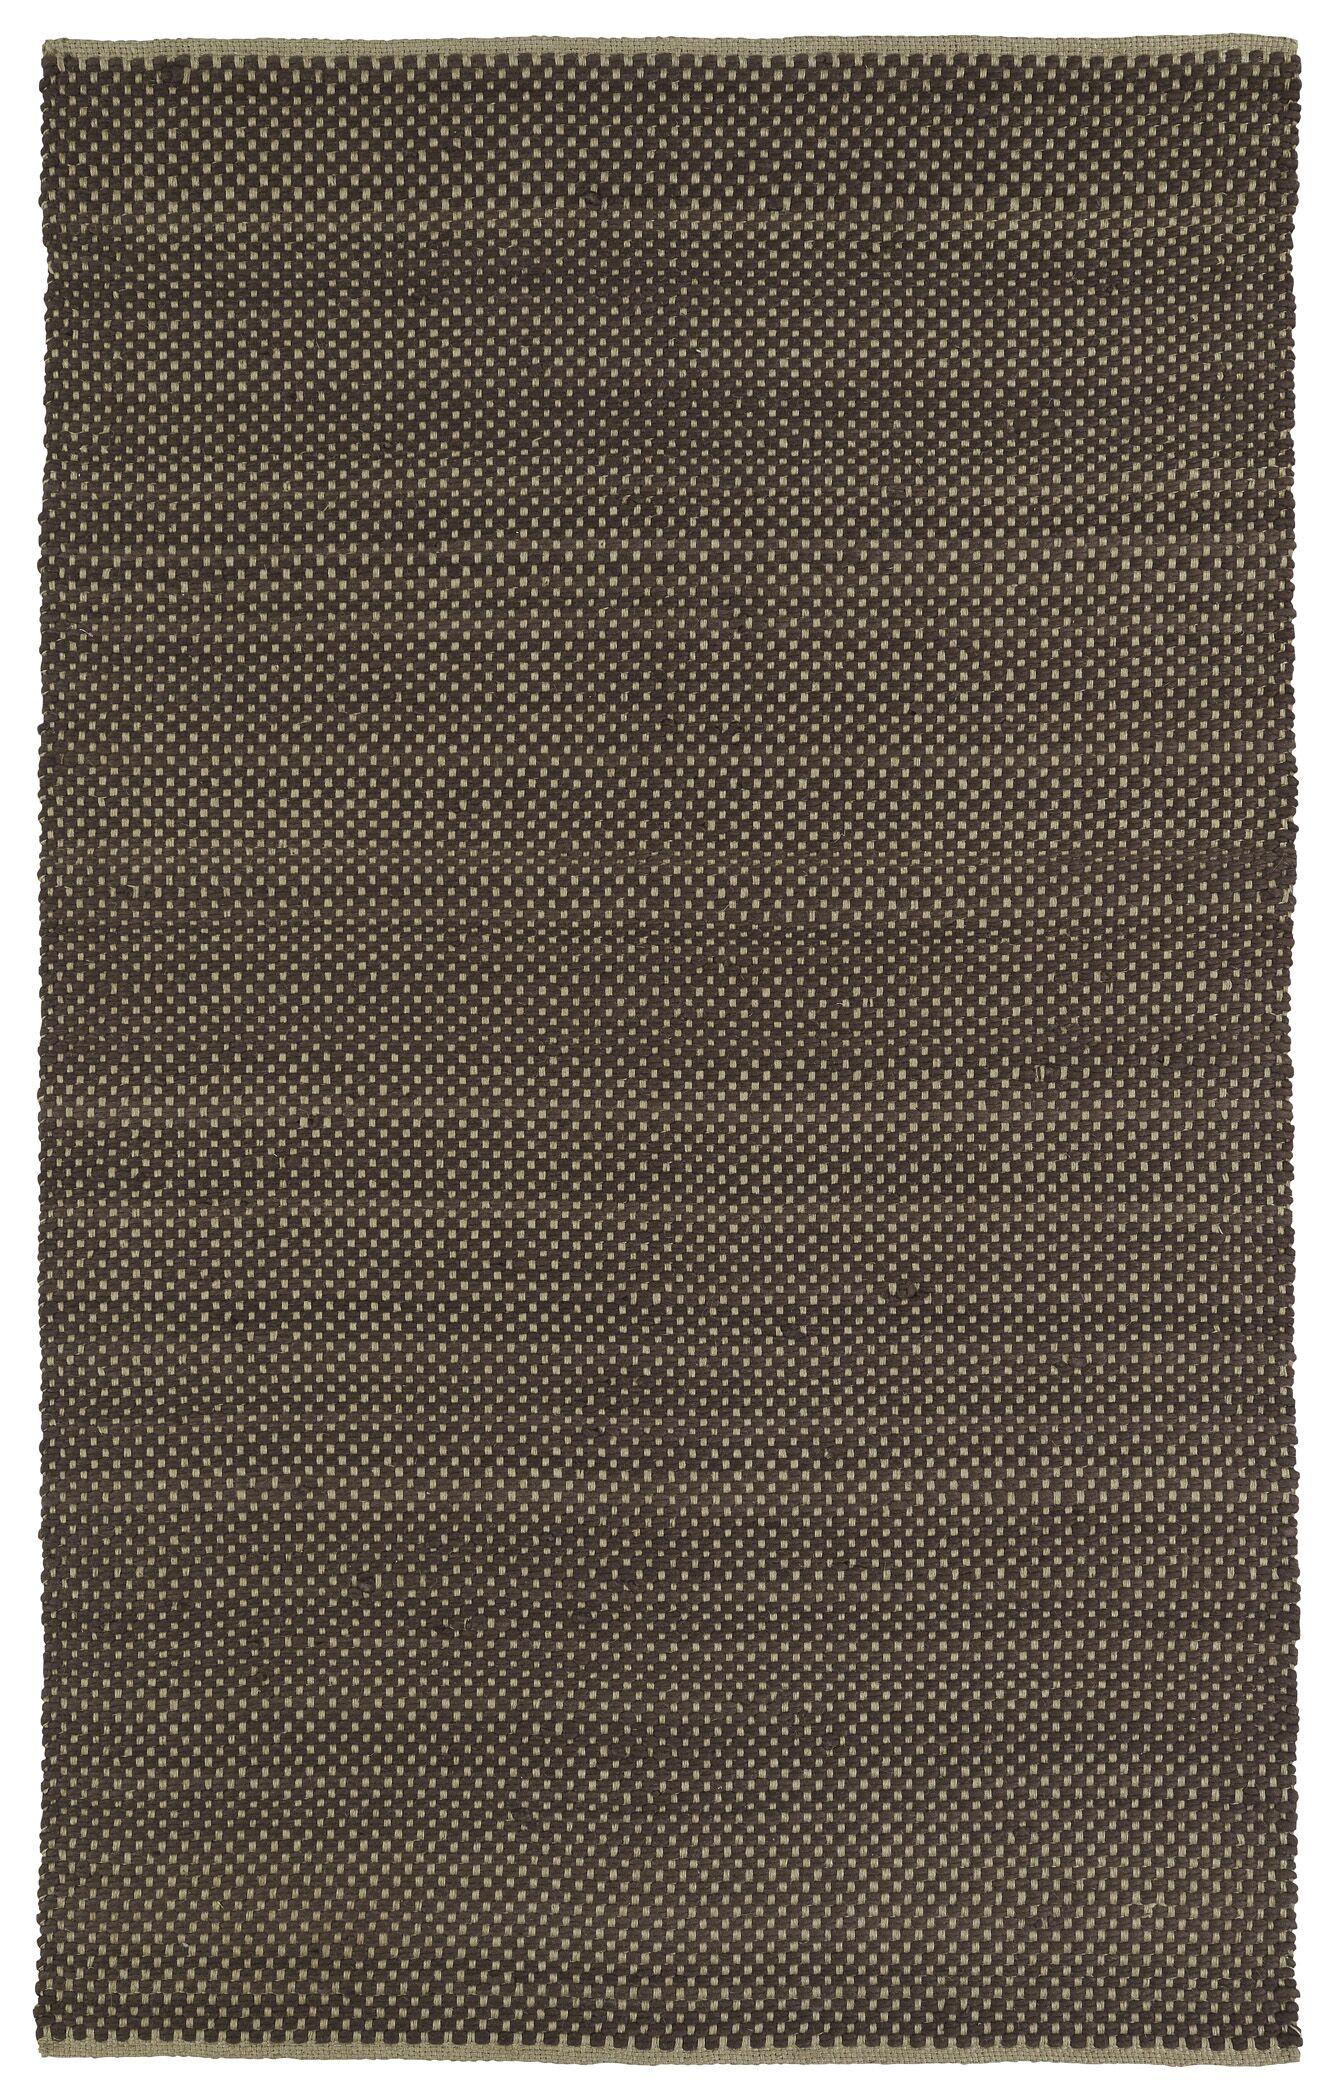 Emilia Chocolate Area Rug Rug Size: Rectangle 5' x 7'6